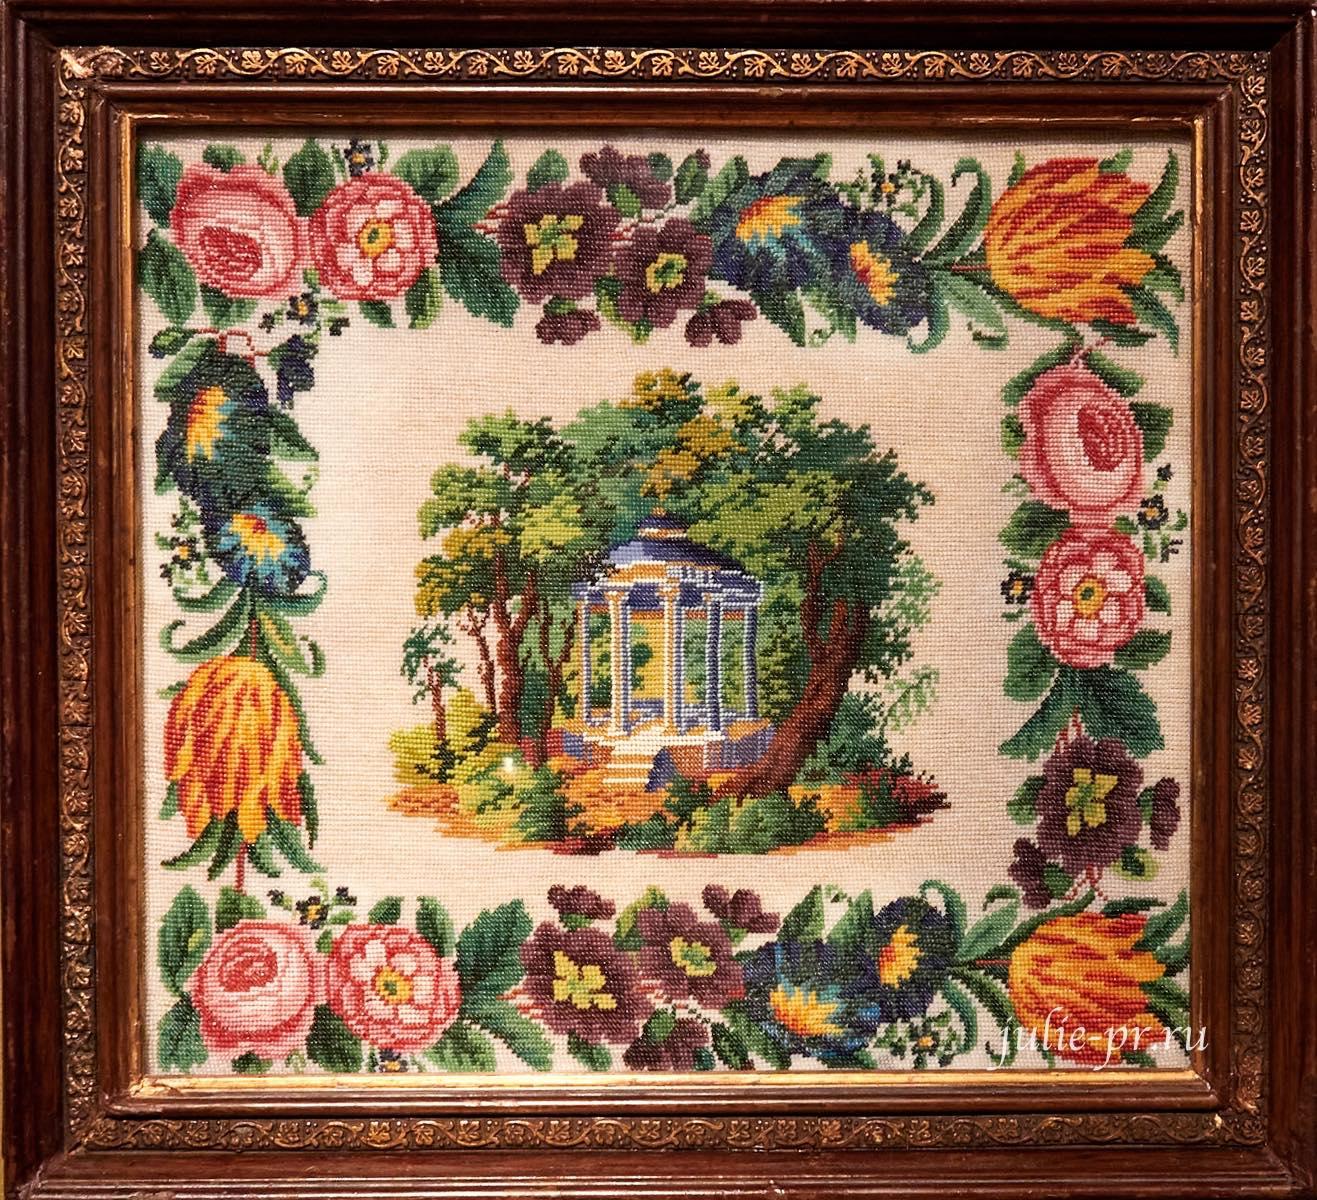 Беседка, 1-я половина XIX века, вышивка бисером, выставка Старинные вышивки